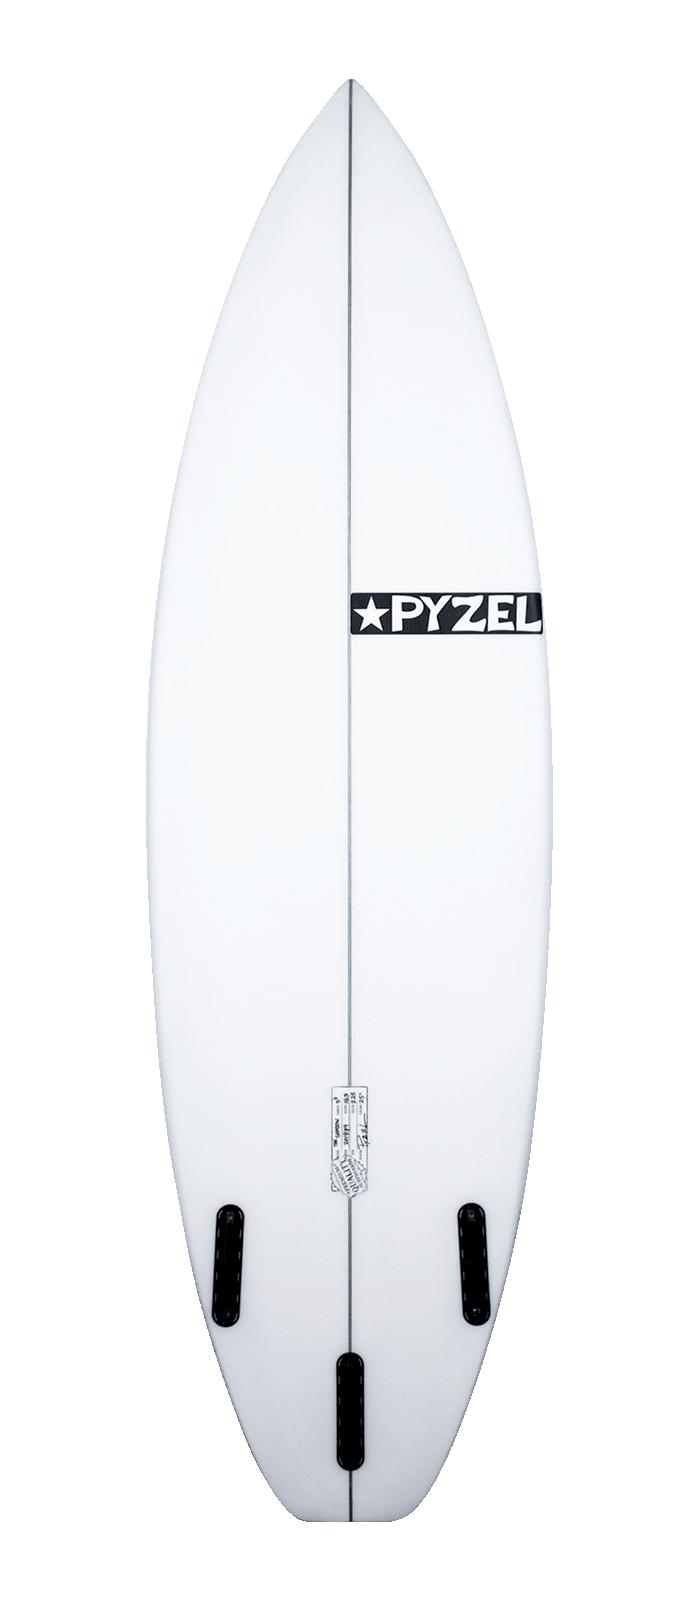 GREMLIN XL surfboard model bottom